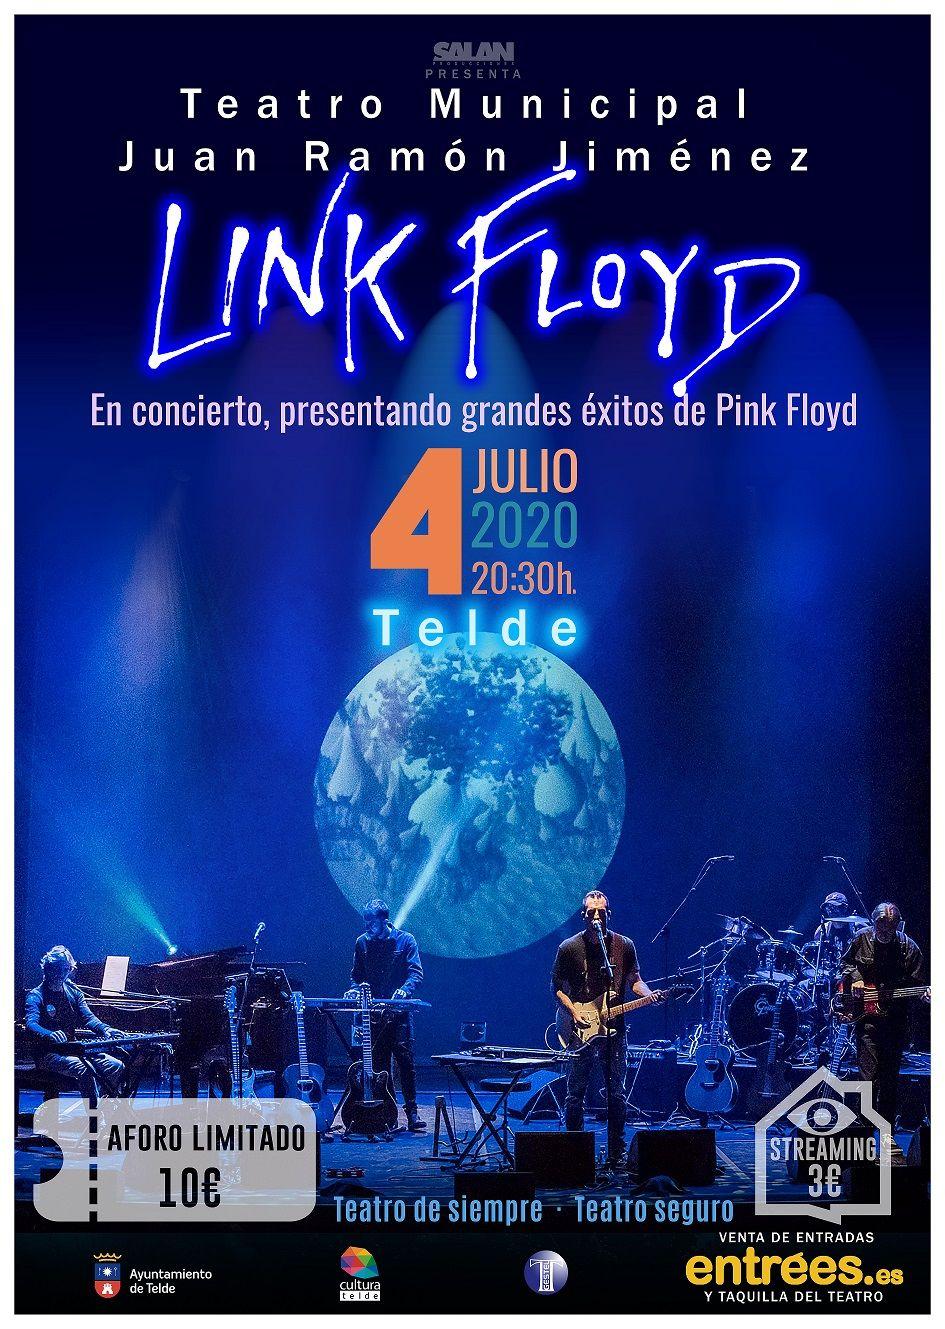 Concierto link floyd tributo Pink Floyd